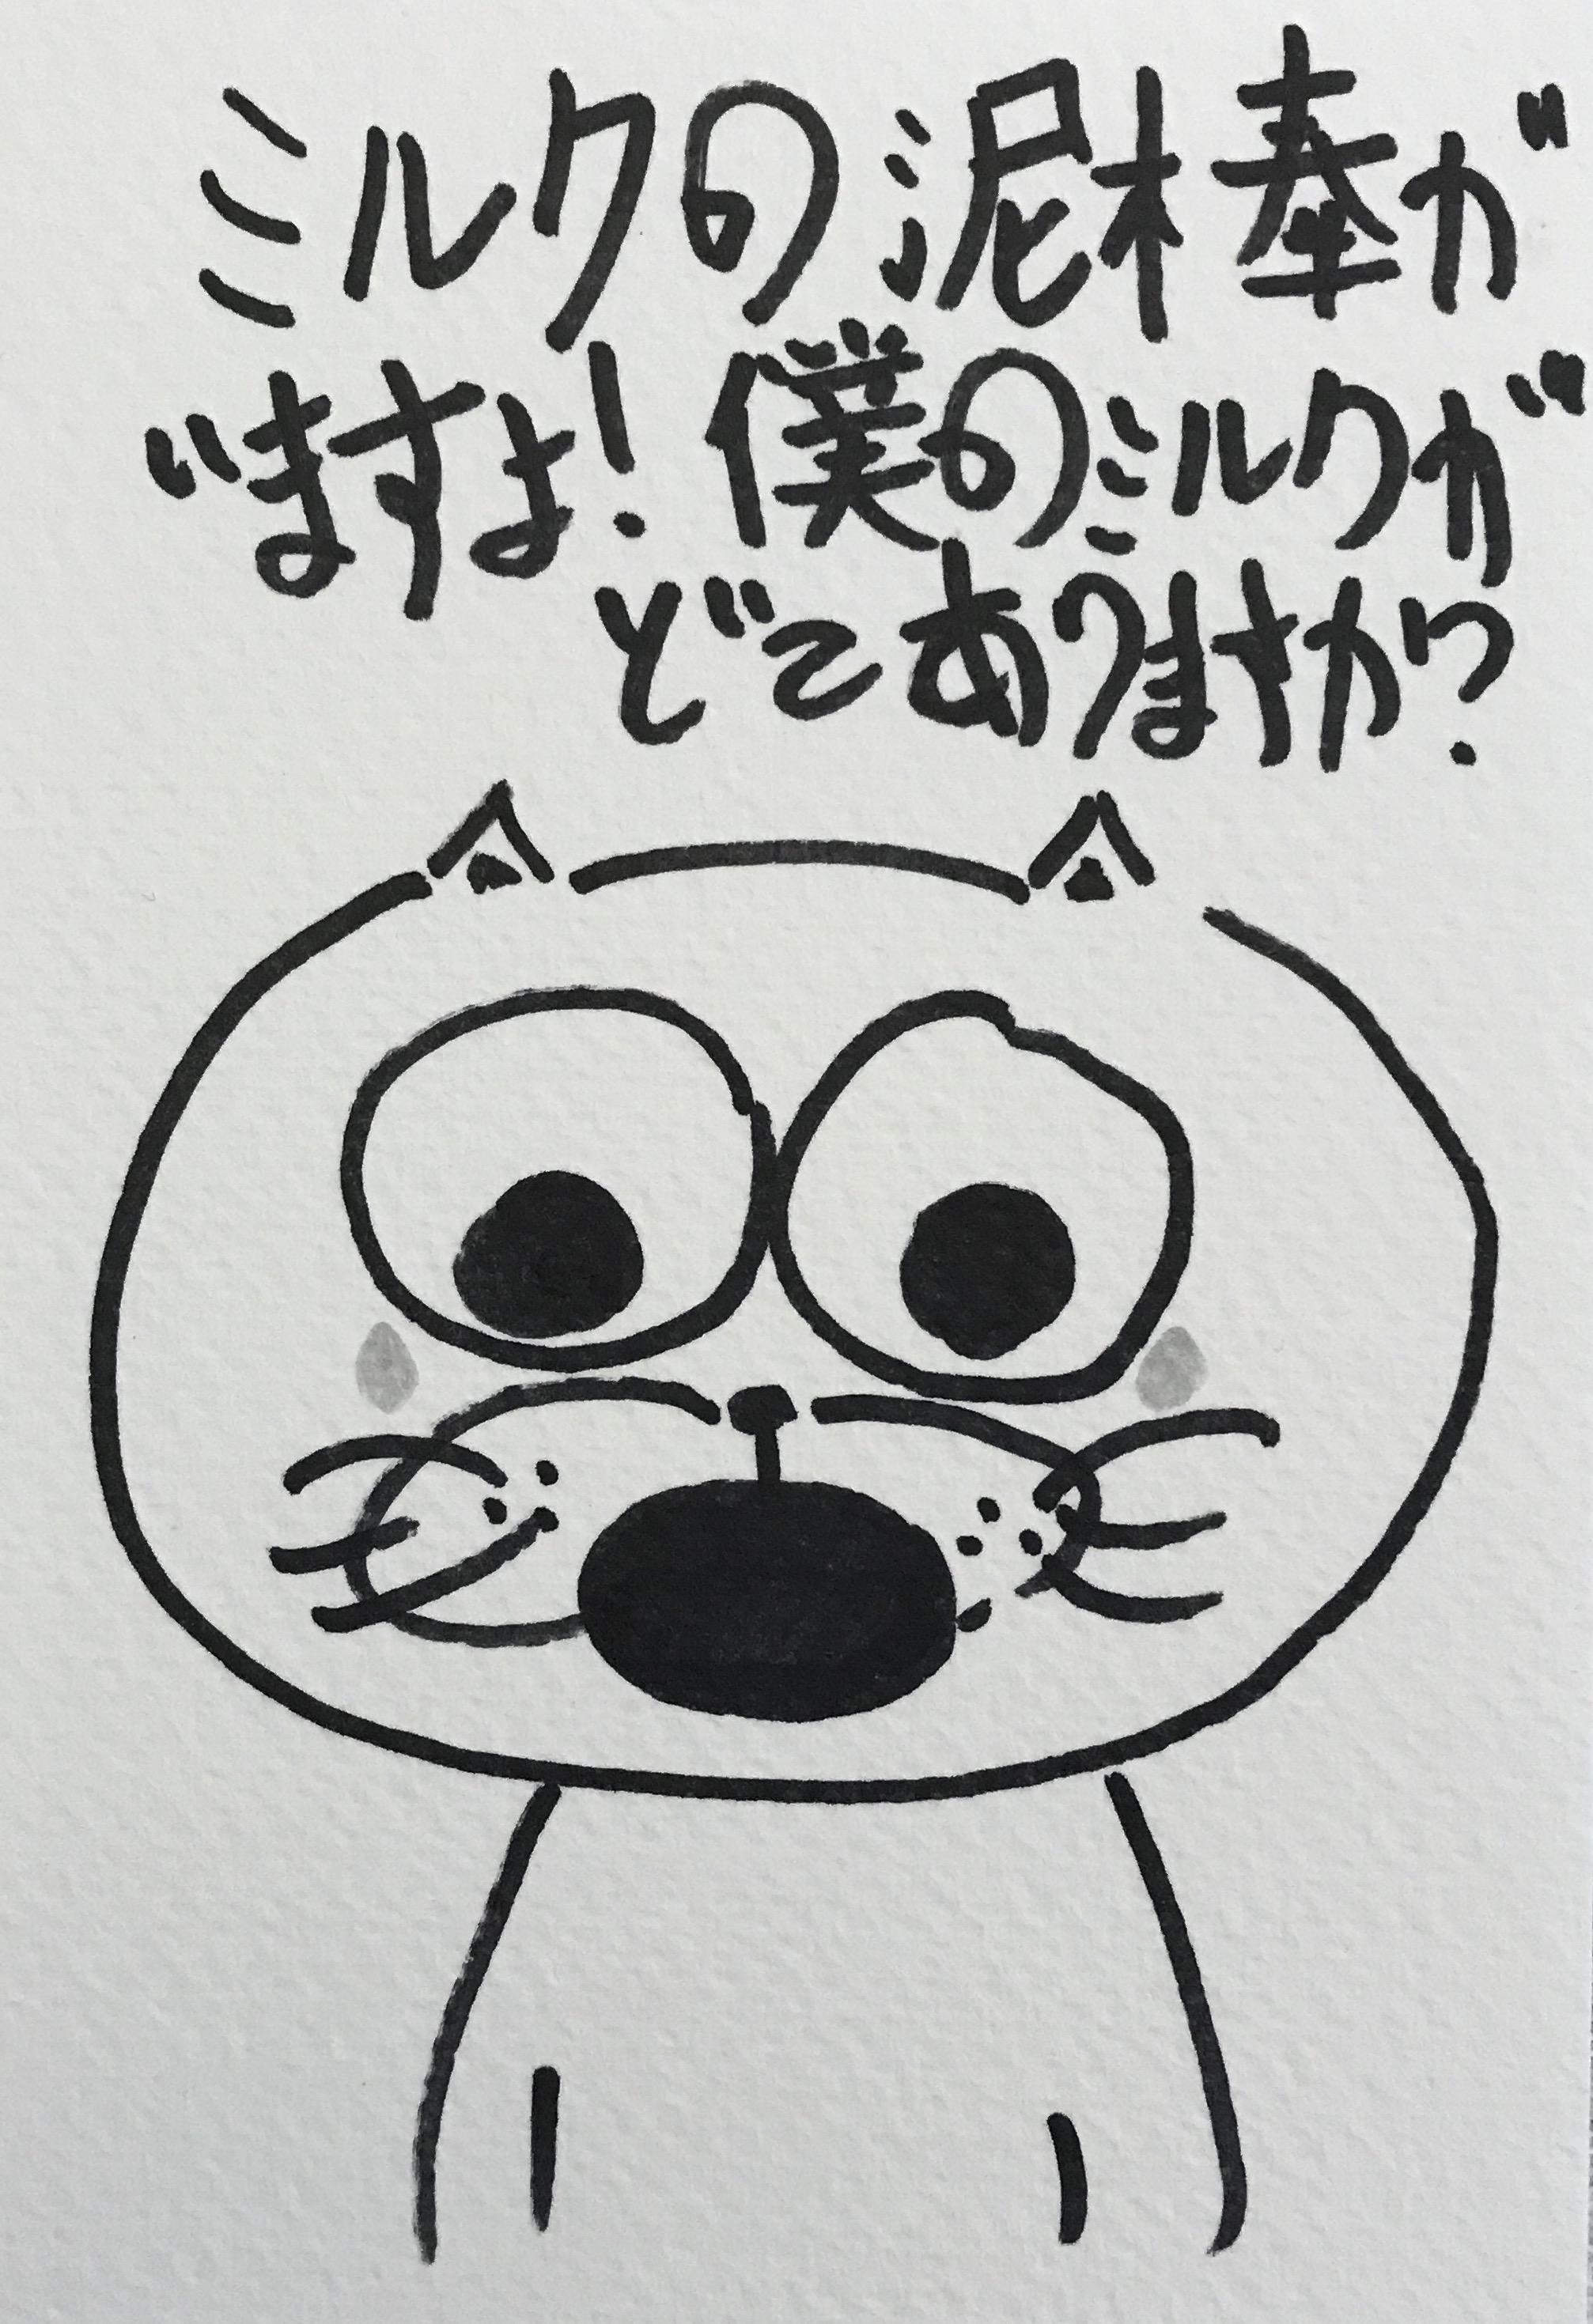 ミルクの泥棒がいますよ ミルクがどこですか Somebody stole my miylk thief 日本語 日本 描く ペン 葉書 artwork postcard drawing sketch